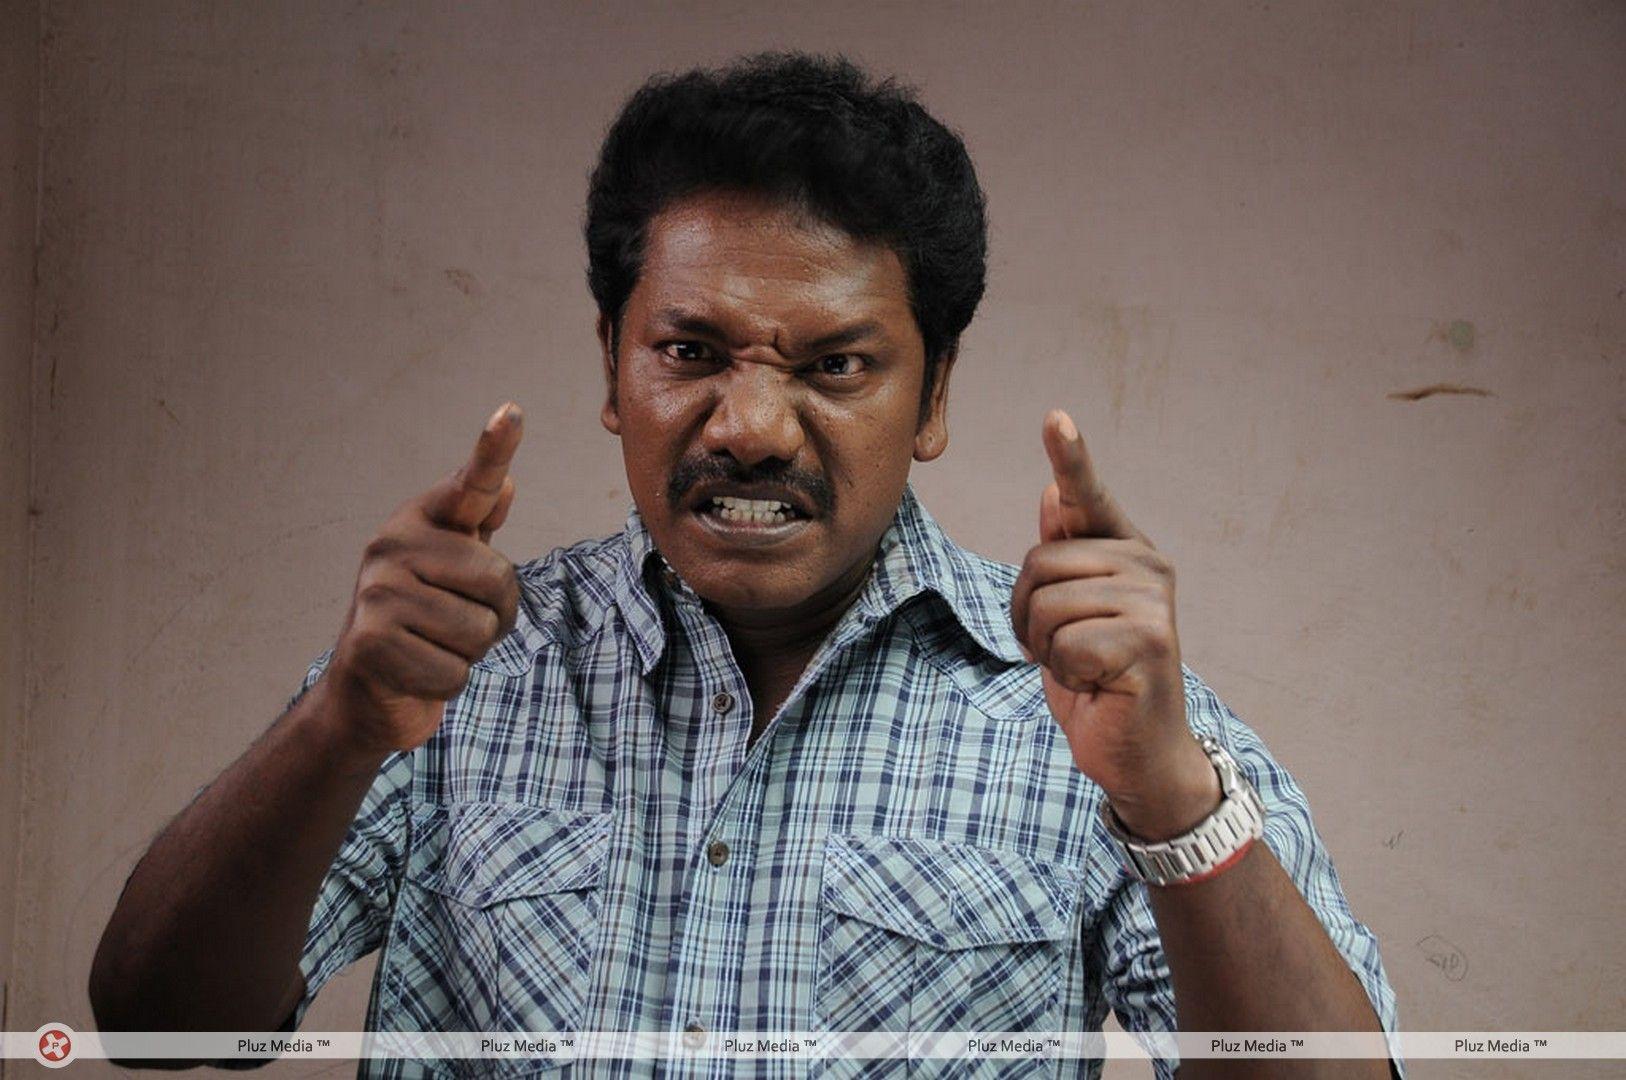 Ragalipuram hot stills meme templates